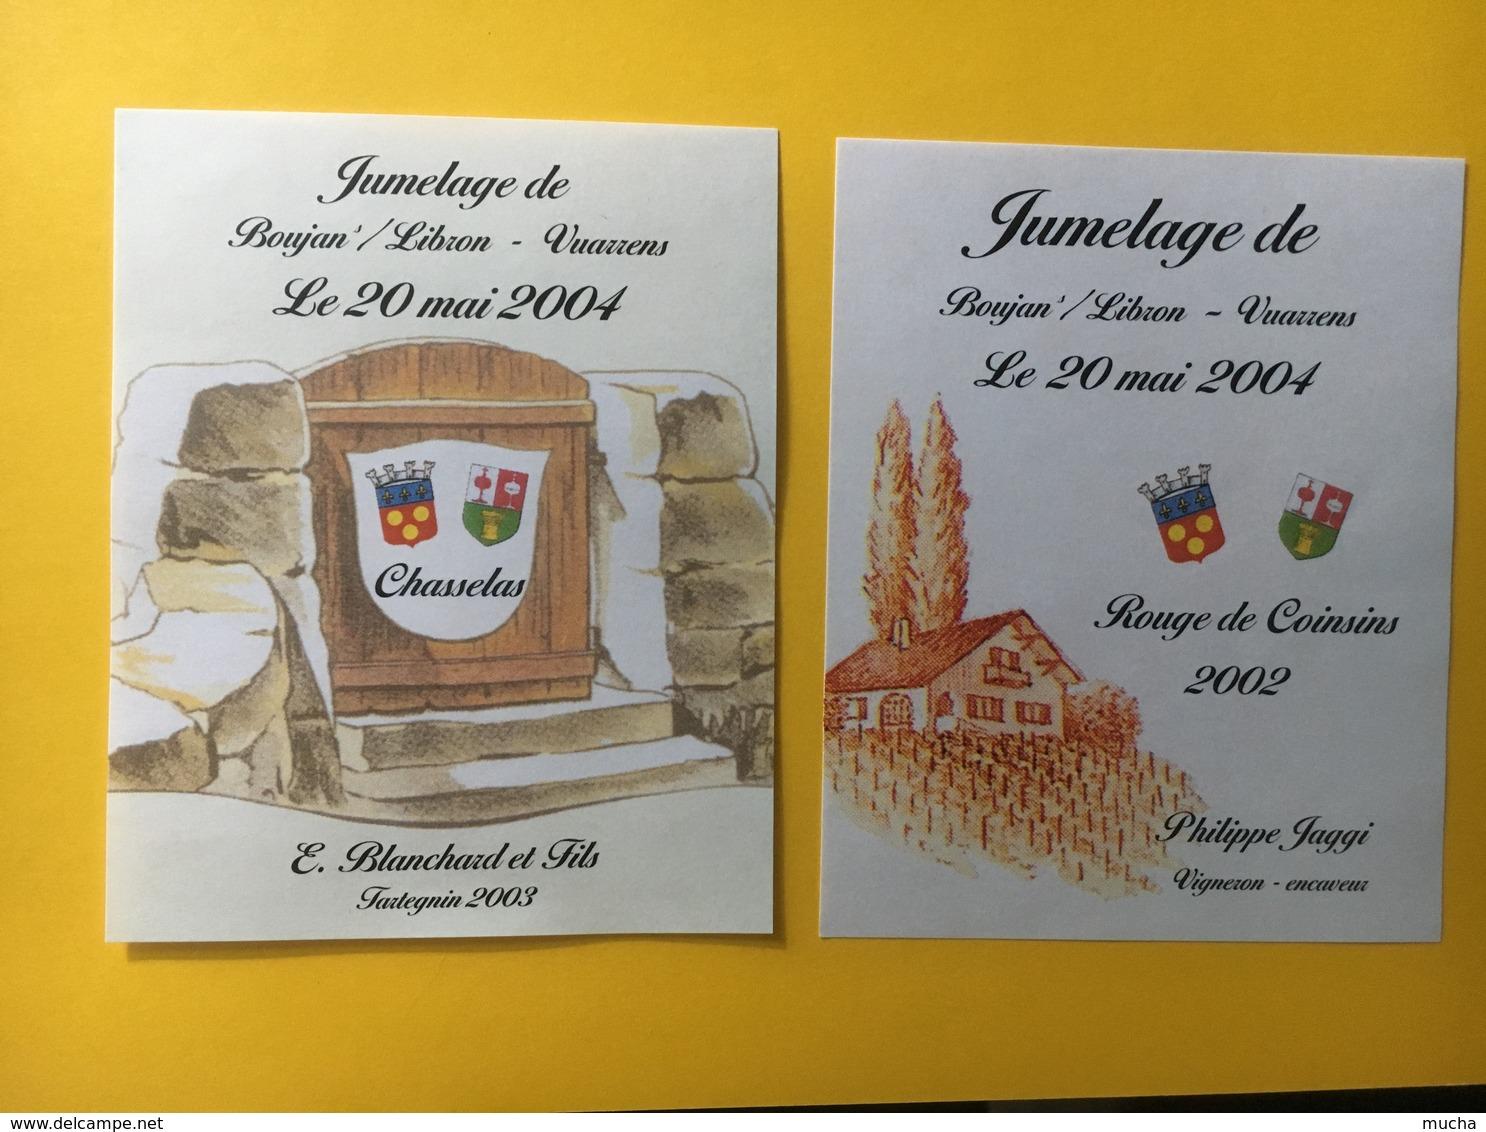 8542 - Jumelage De Boujan/Libron FR Hérault & Vuarrens Suisse 2004 Chasselas Et Rouge De Coinsins 2 étiquettes - Etiquettes